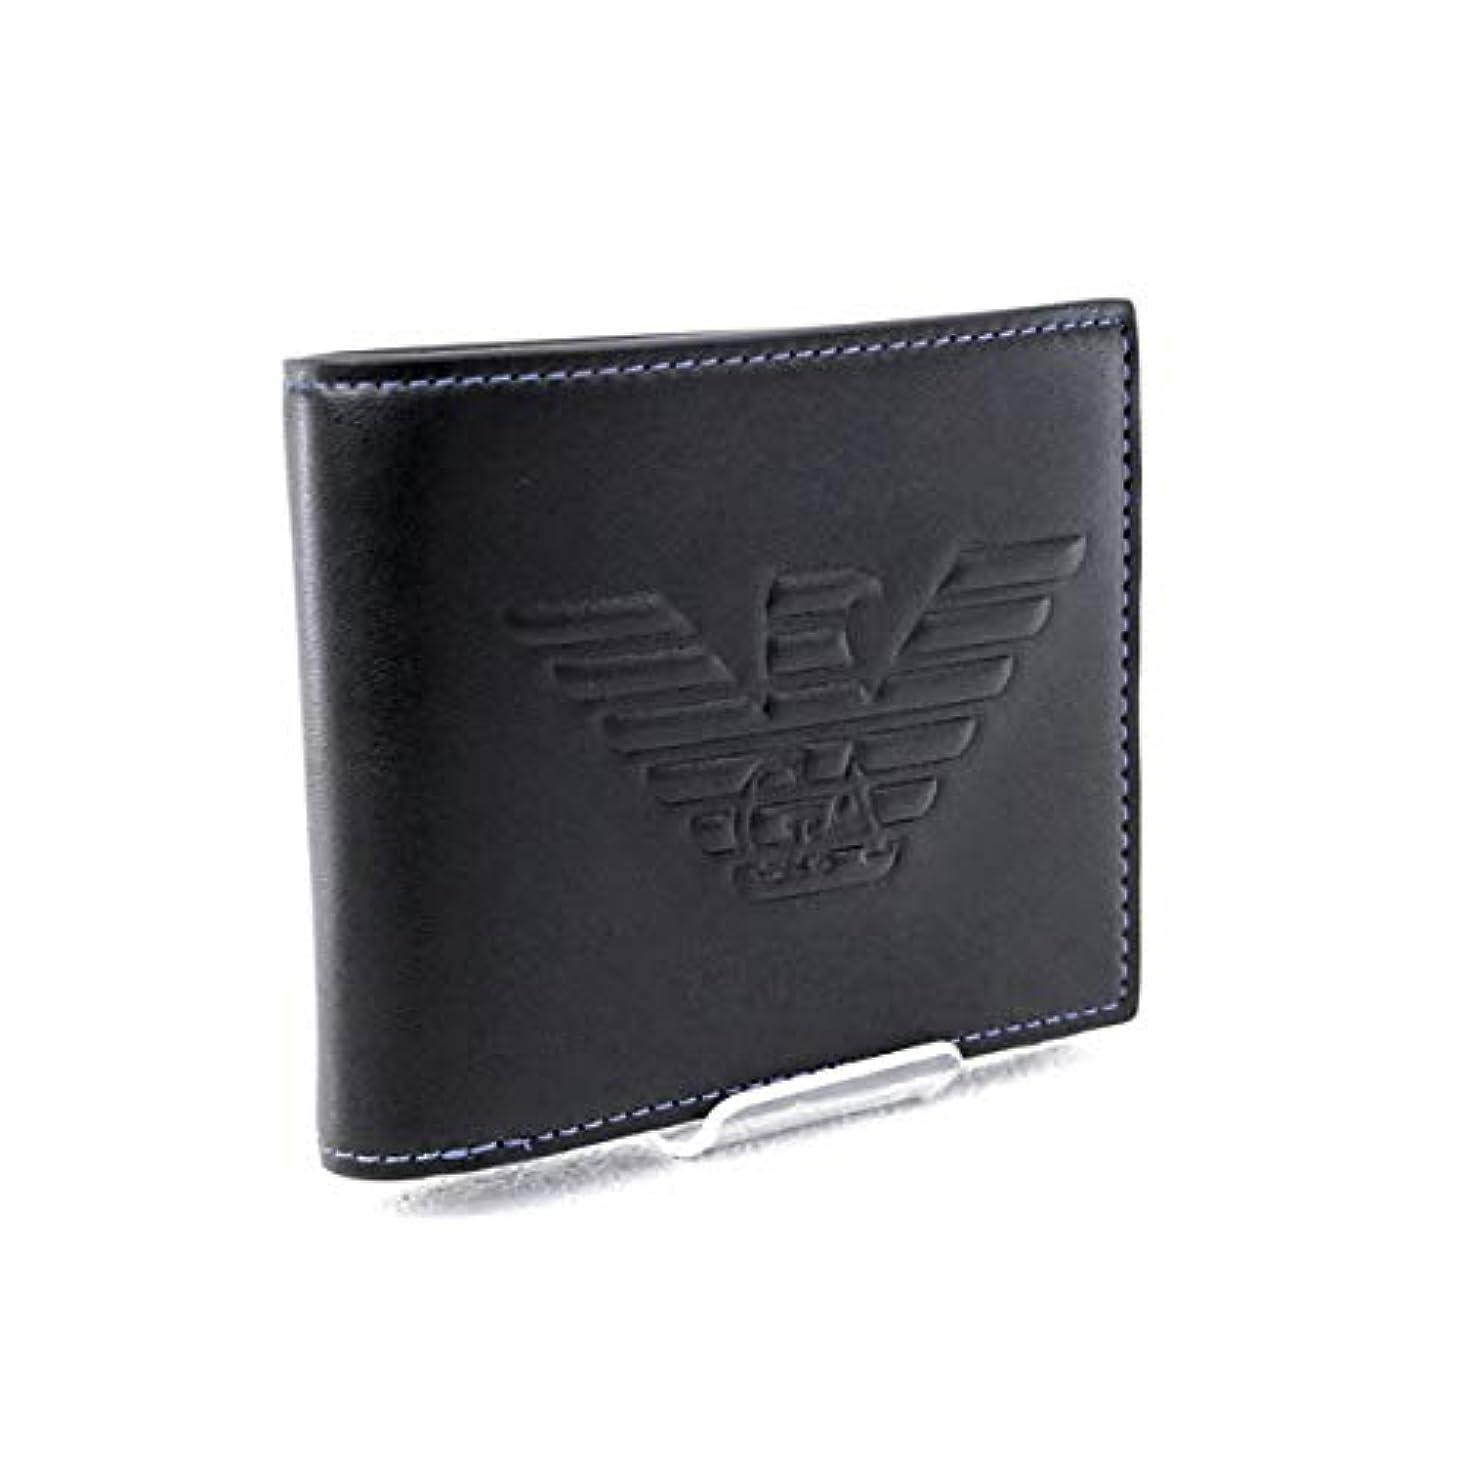 突撃スイ目の前の[エンポリオアルマーニ] EMPORIO ARMANI 財布 折財布 ブラック (Y4R167 YG90J 81072 BLACK) [並行輸入品]